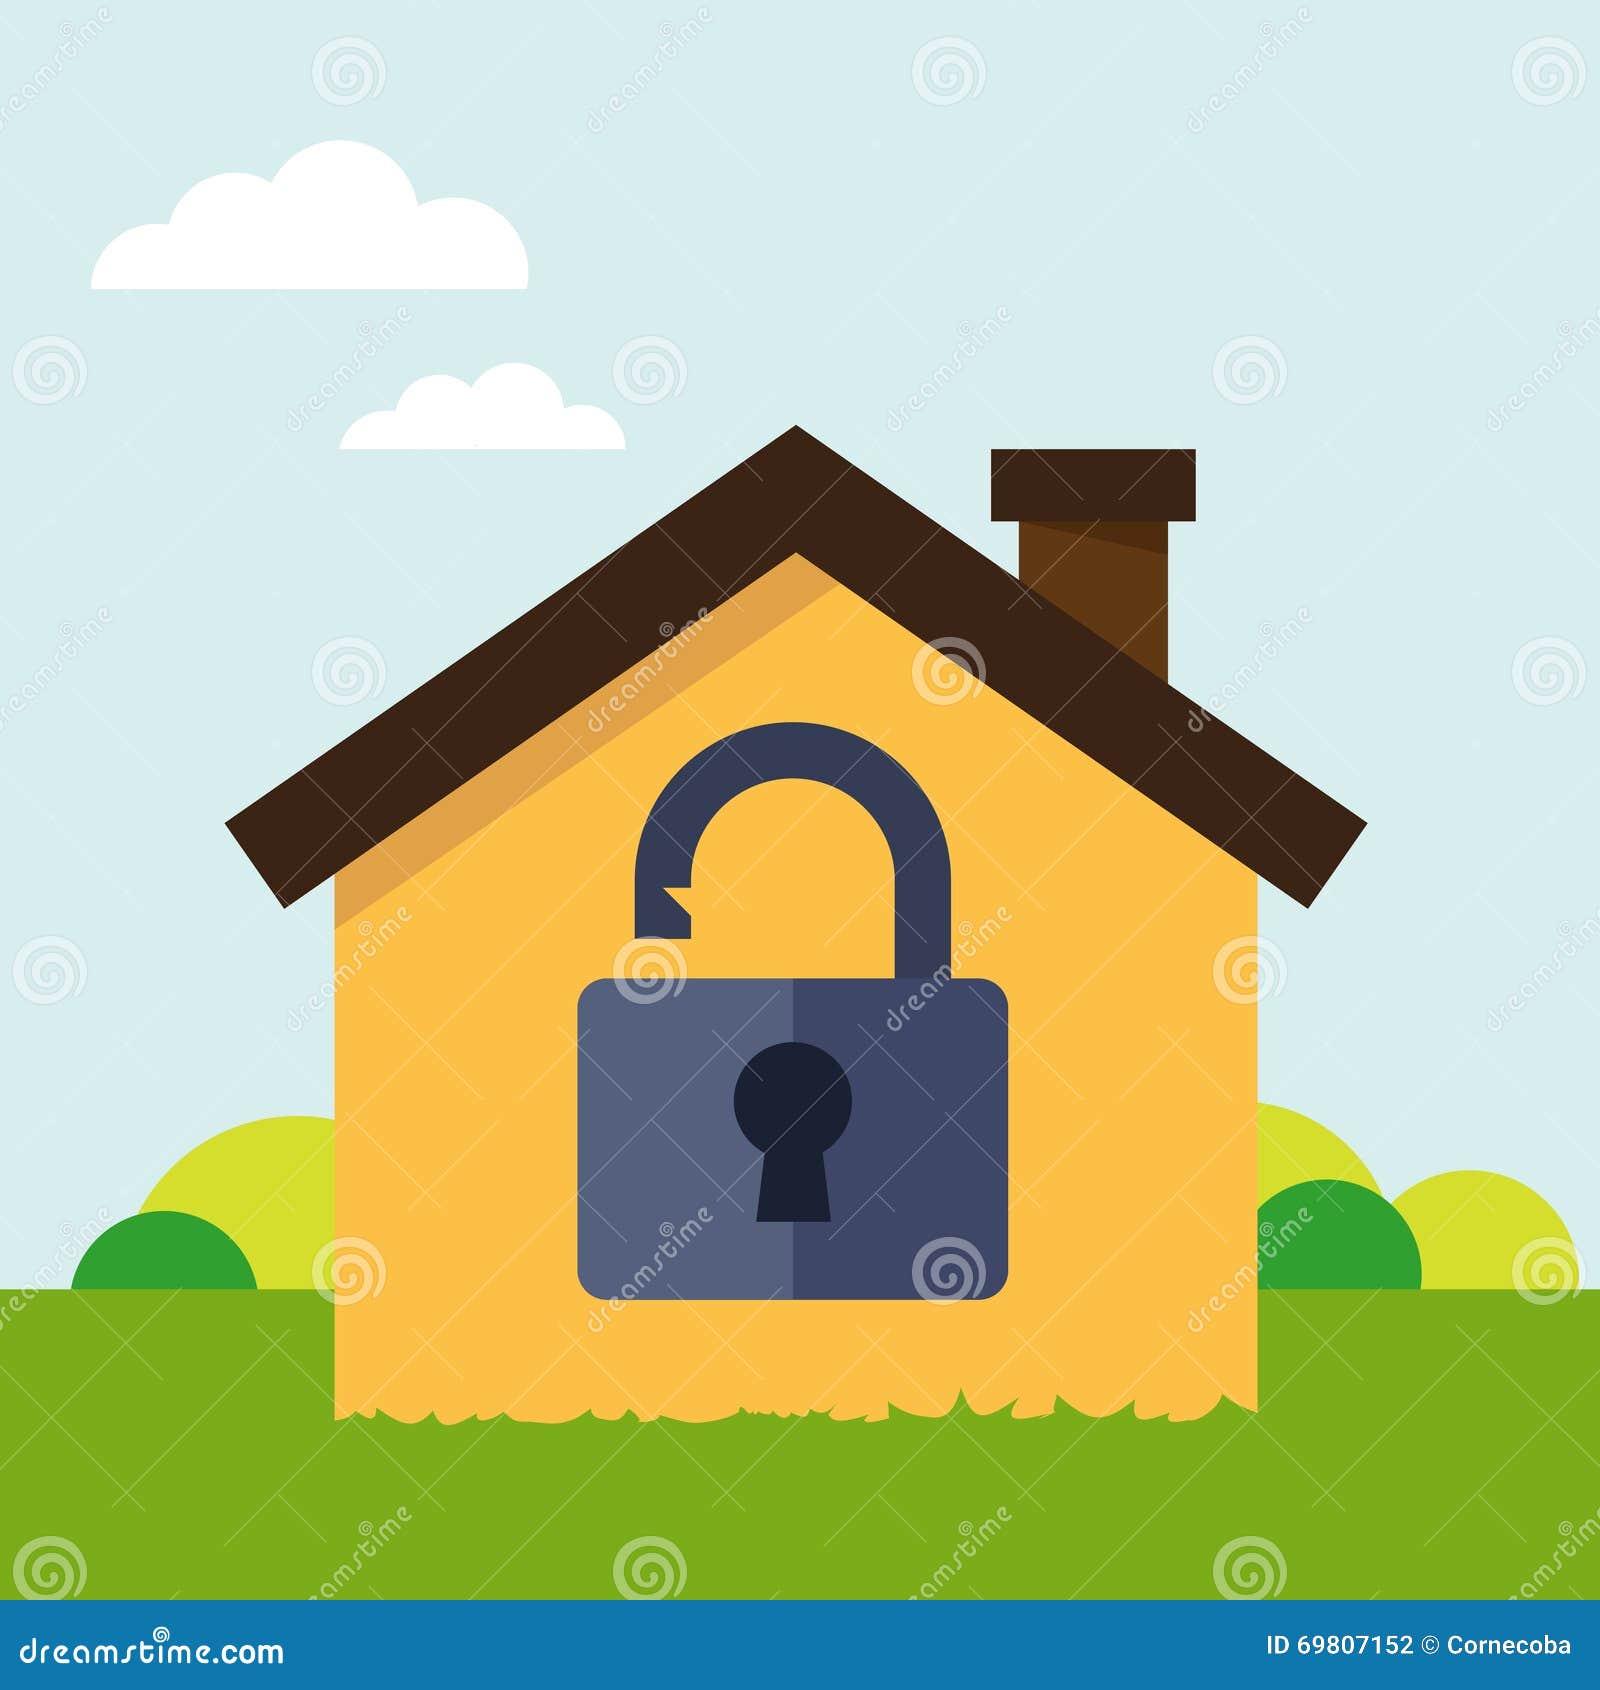 Fissi la casa illustrazione vettoriale immagine di for Concetto casa com